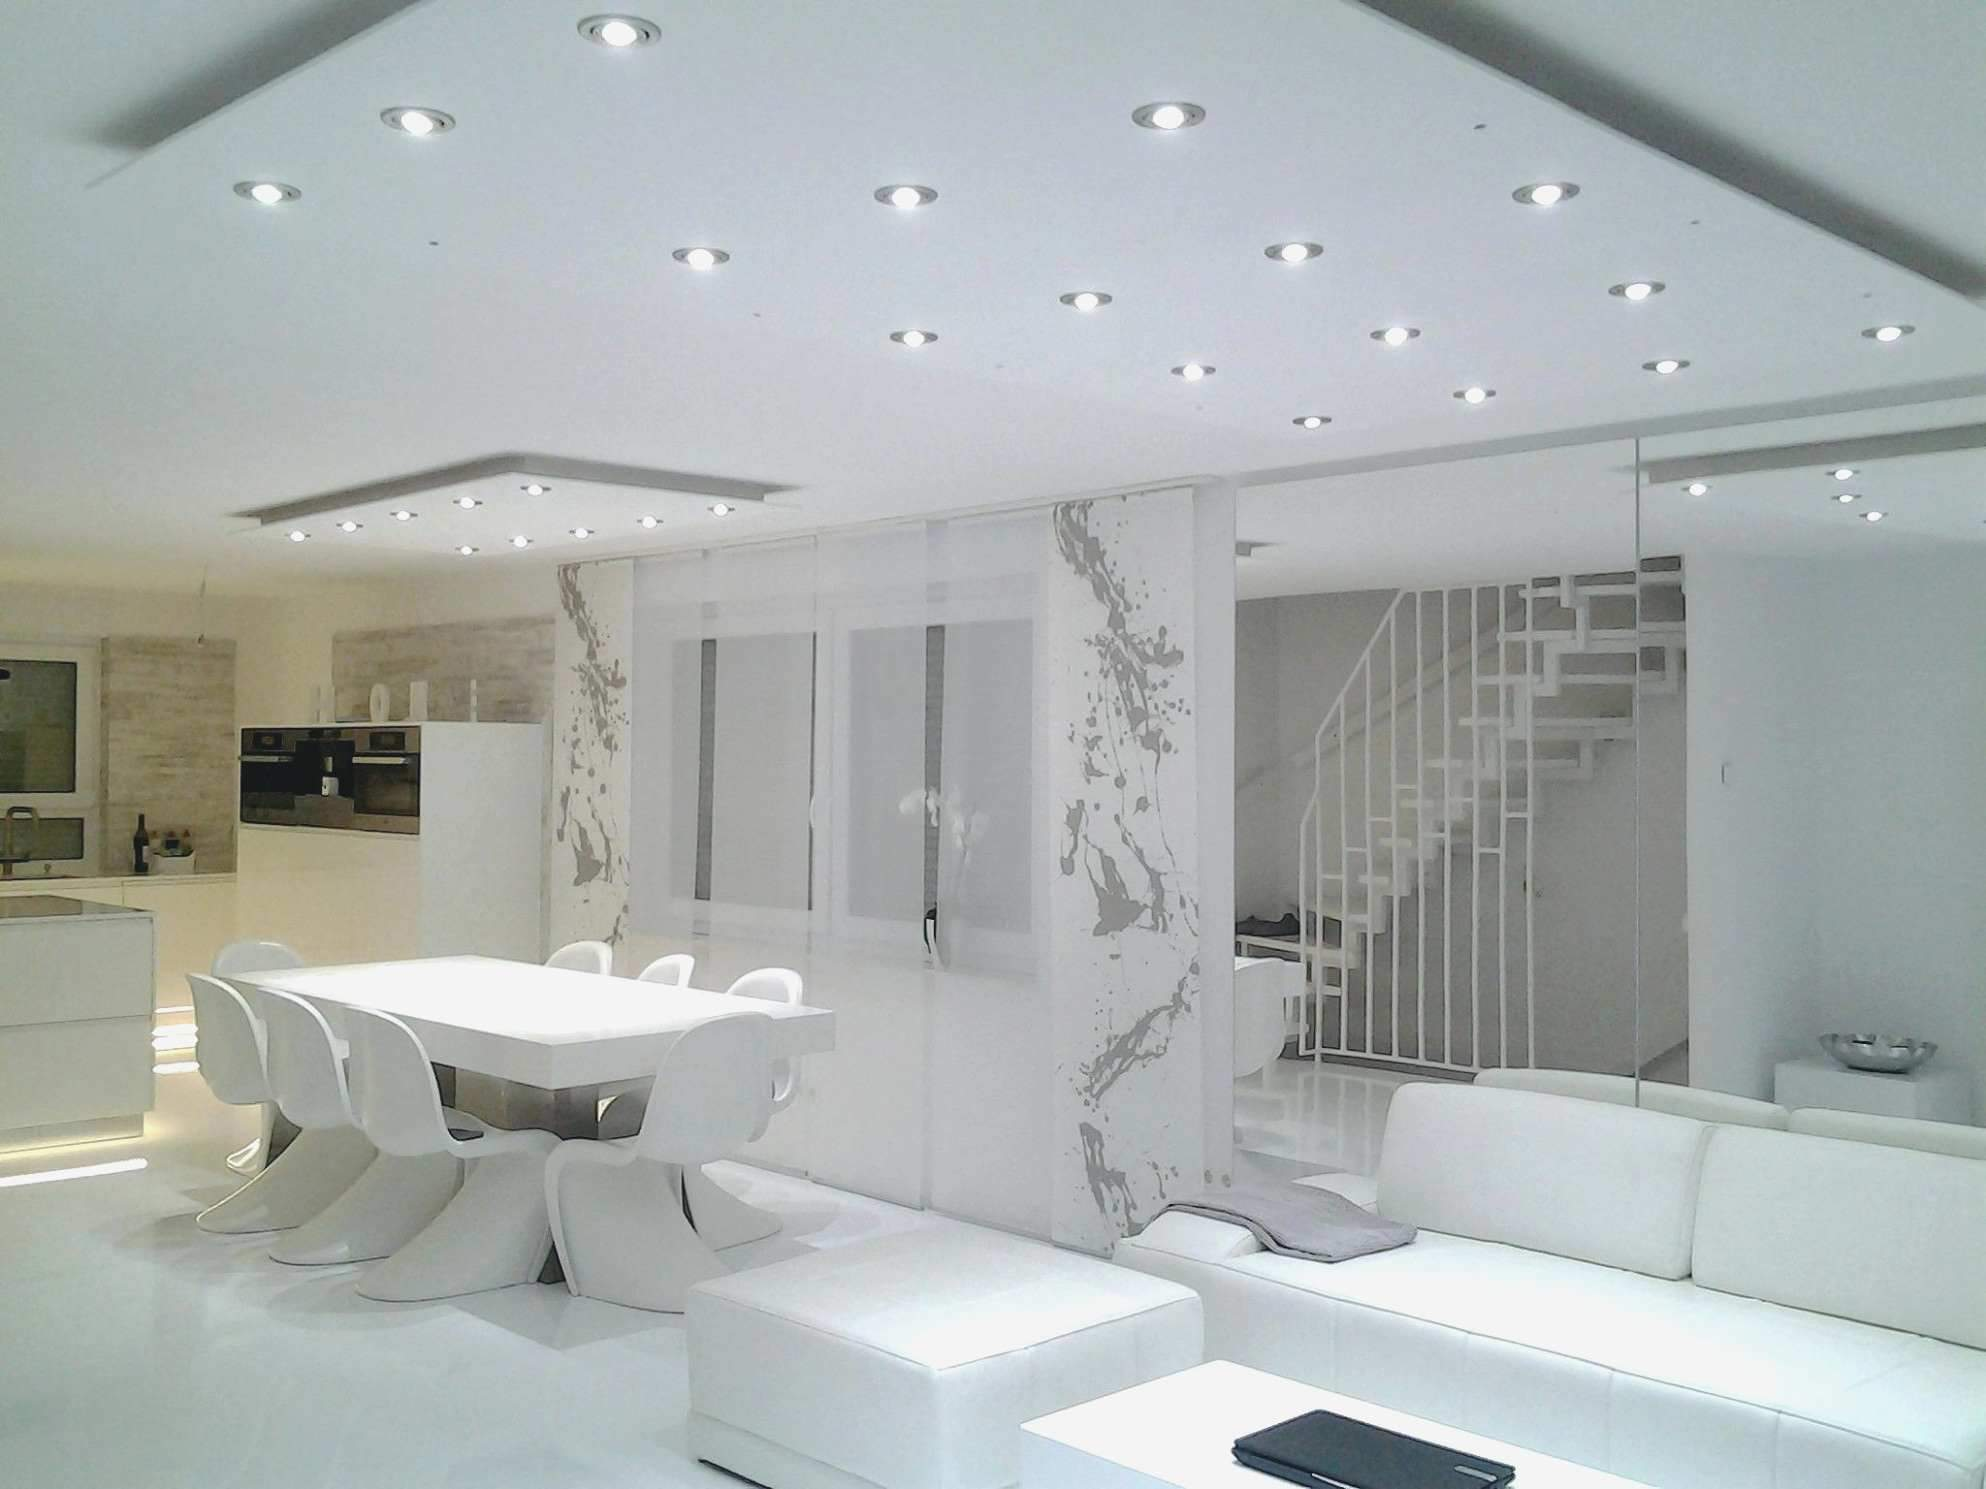 Full Size of Deckenspots Wohnzimmer Anordnung Led Spots Neu 50 Oben Von Tisch Gardine Stehlampe Deckenlampen Für Relaxliege Decke Stehleuchte Wandtattoos Rollo Tischlampe Wohnzimmer Deckenspots Wohnzimmer